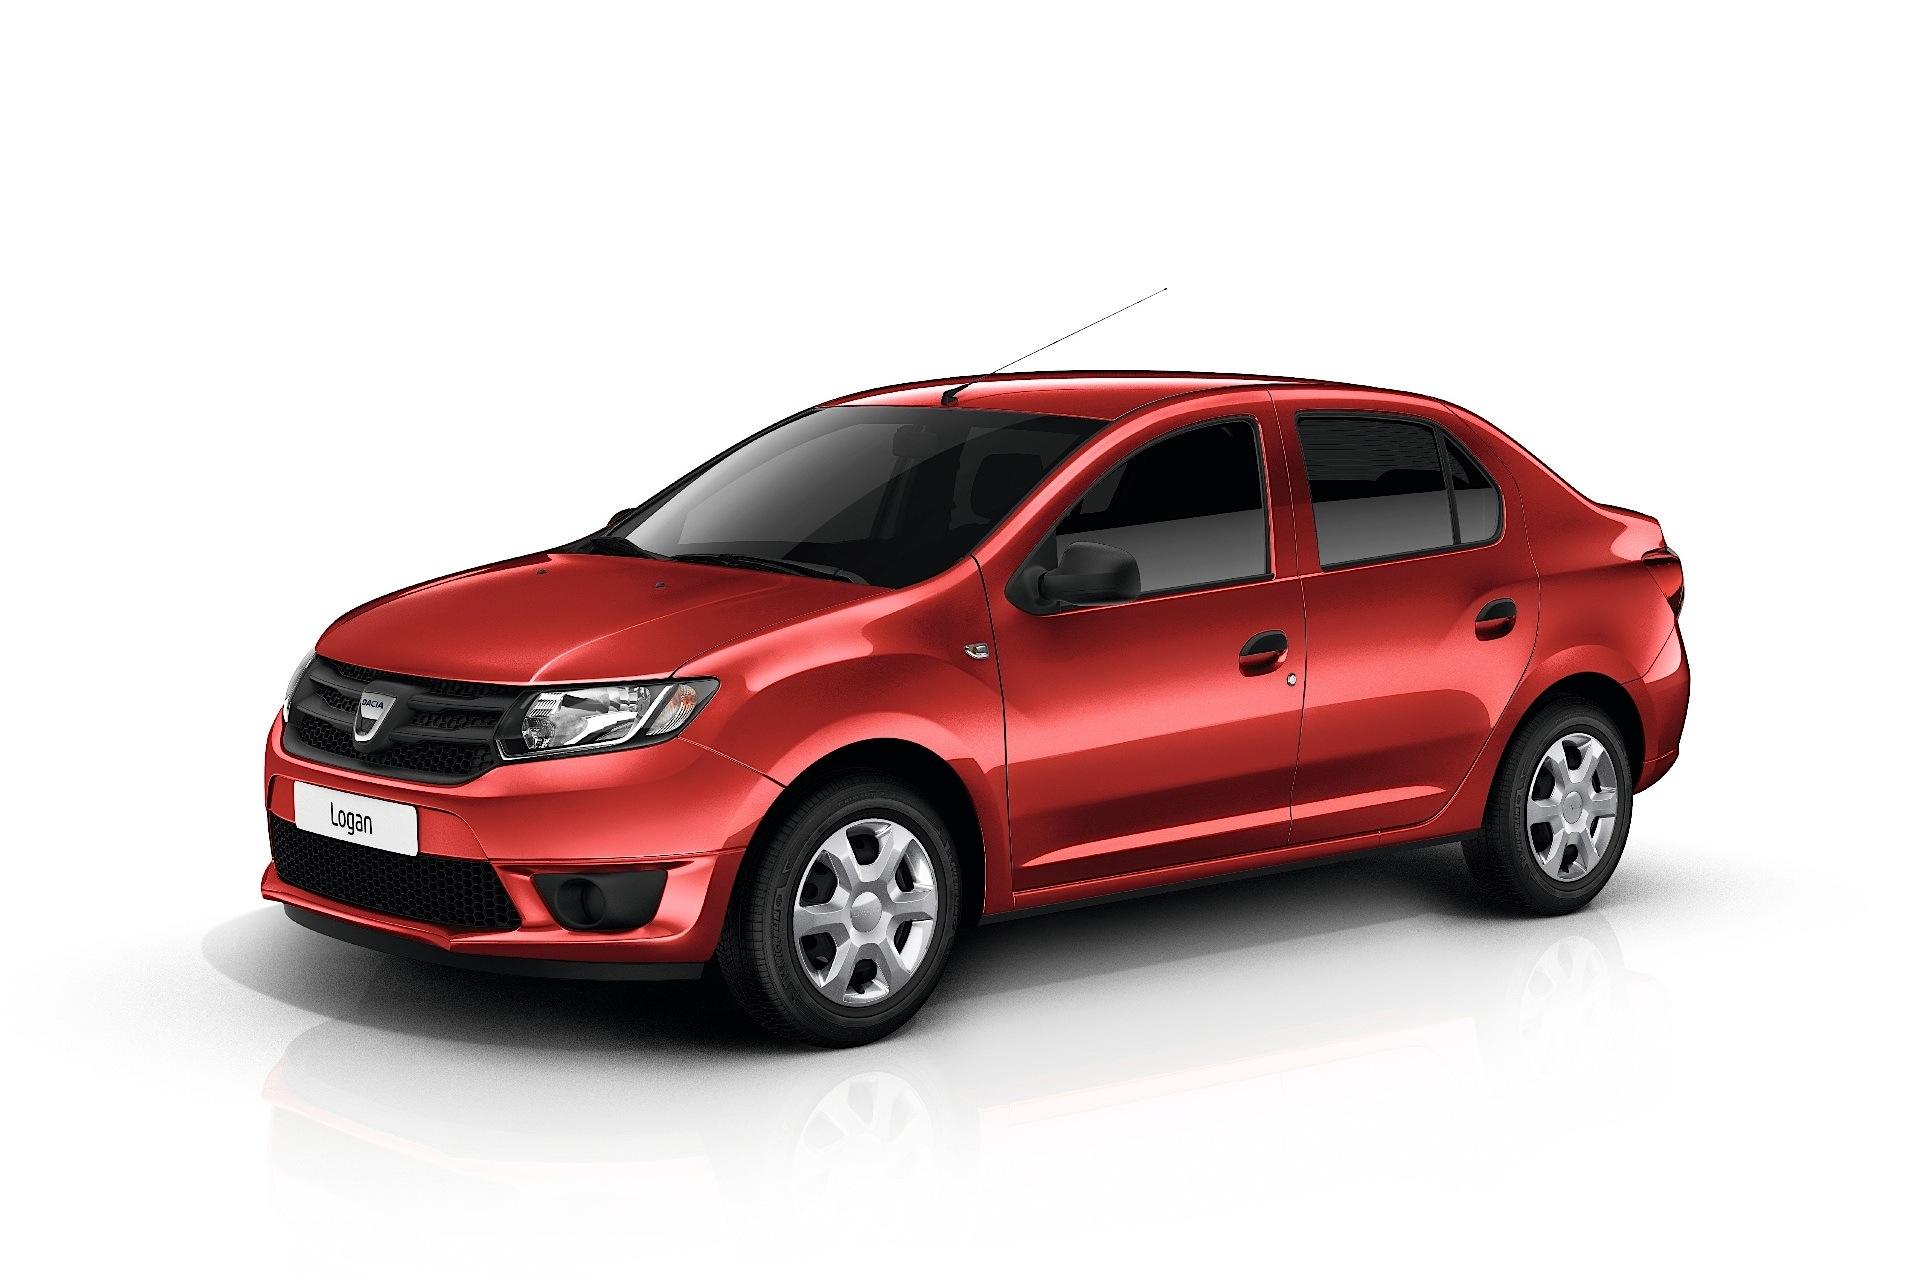 Dacia Logan 2 2012 2013 2014 2015 2016 2017